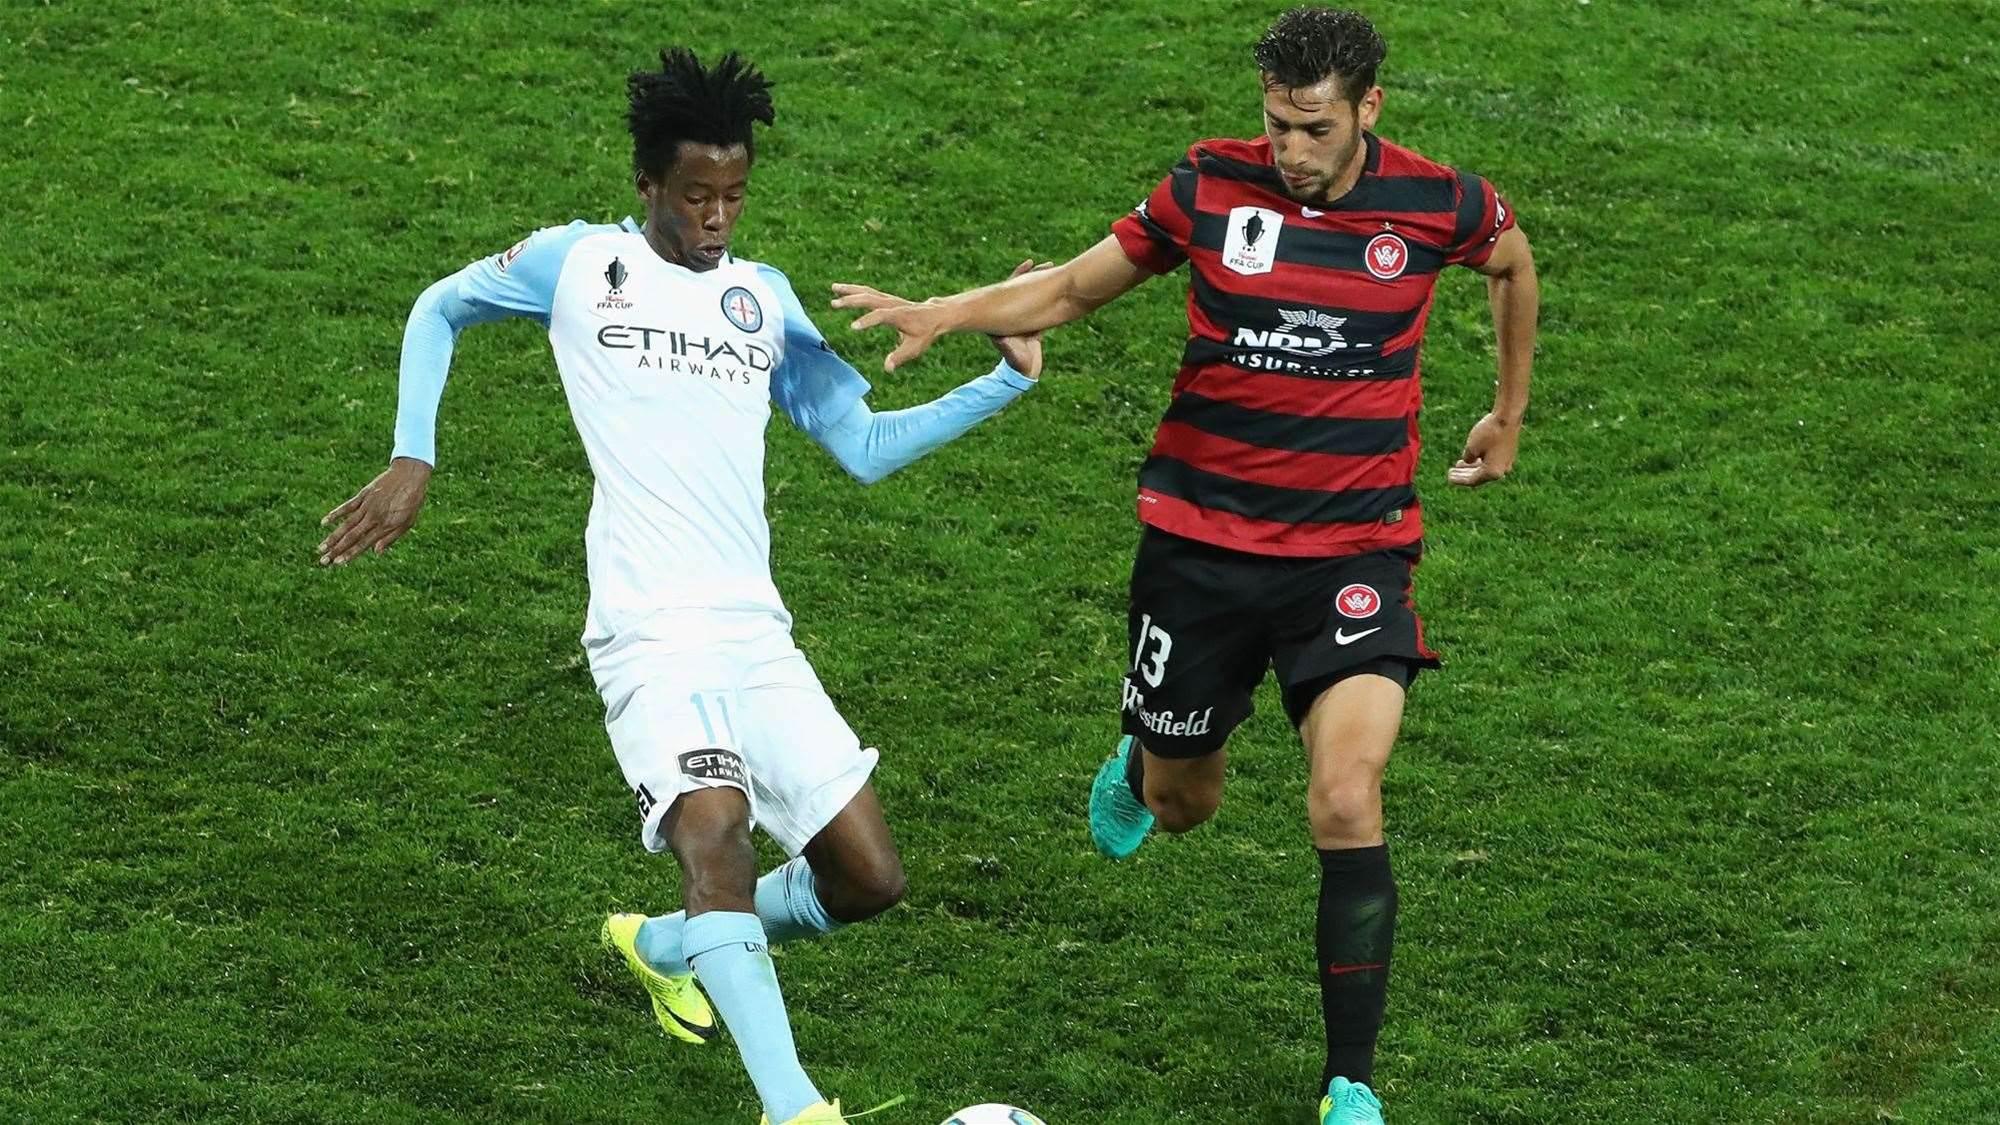 Kamau eyes back-to-back Championships